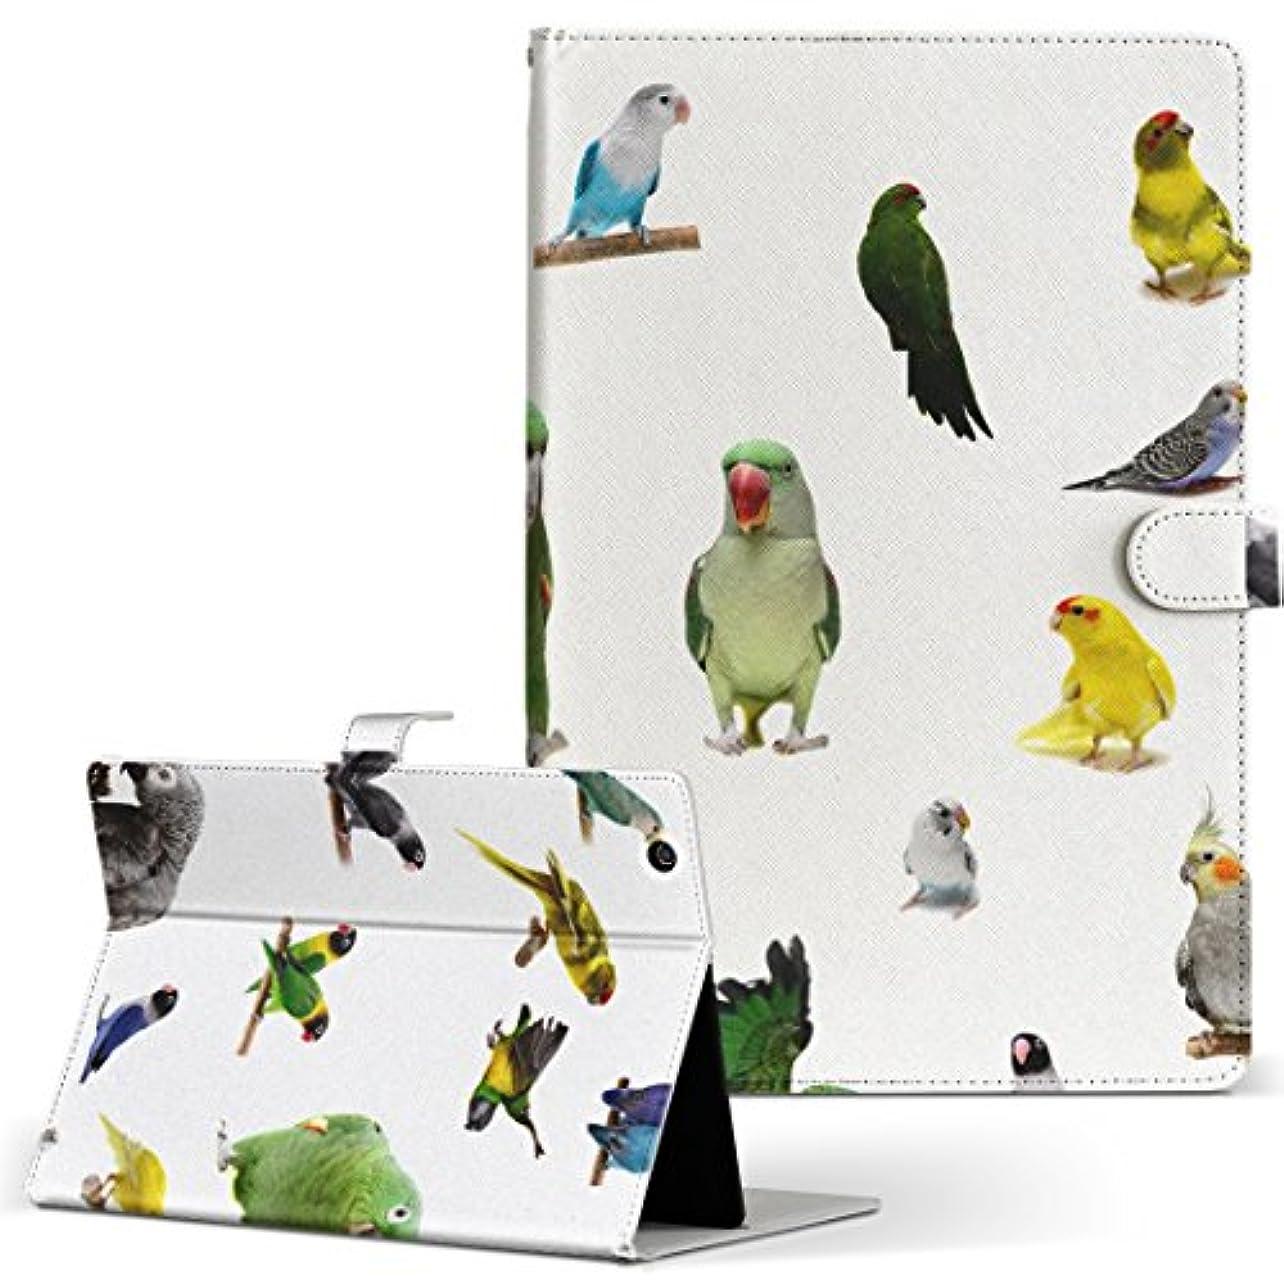 ねばねば論争不平を言うigcase Qua tab PX au LGエレクトロニクス Quatab LGT31 タブレット 手帳型 タブレットケース タブレットカバー カバー レザー ケース 手帳タイプ フリップ ダイアリー 二つ折り 直接貼り付けタイプ 003163 アニマル ユニーク その他 鳥 動物 写真